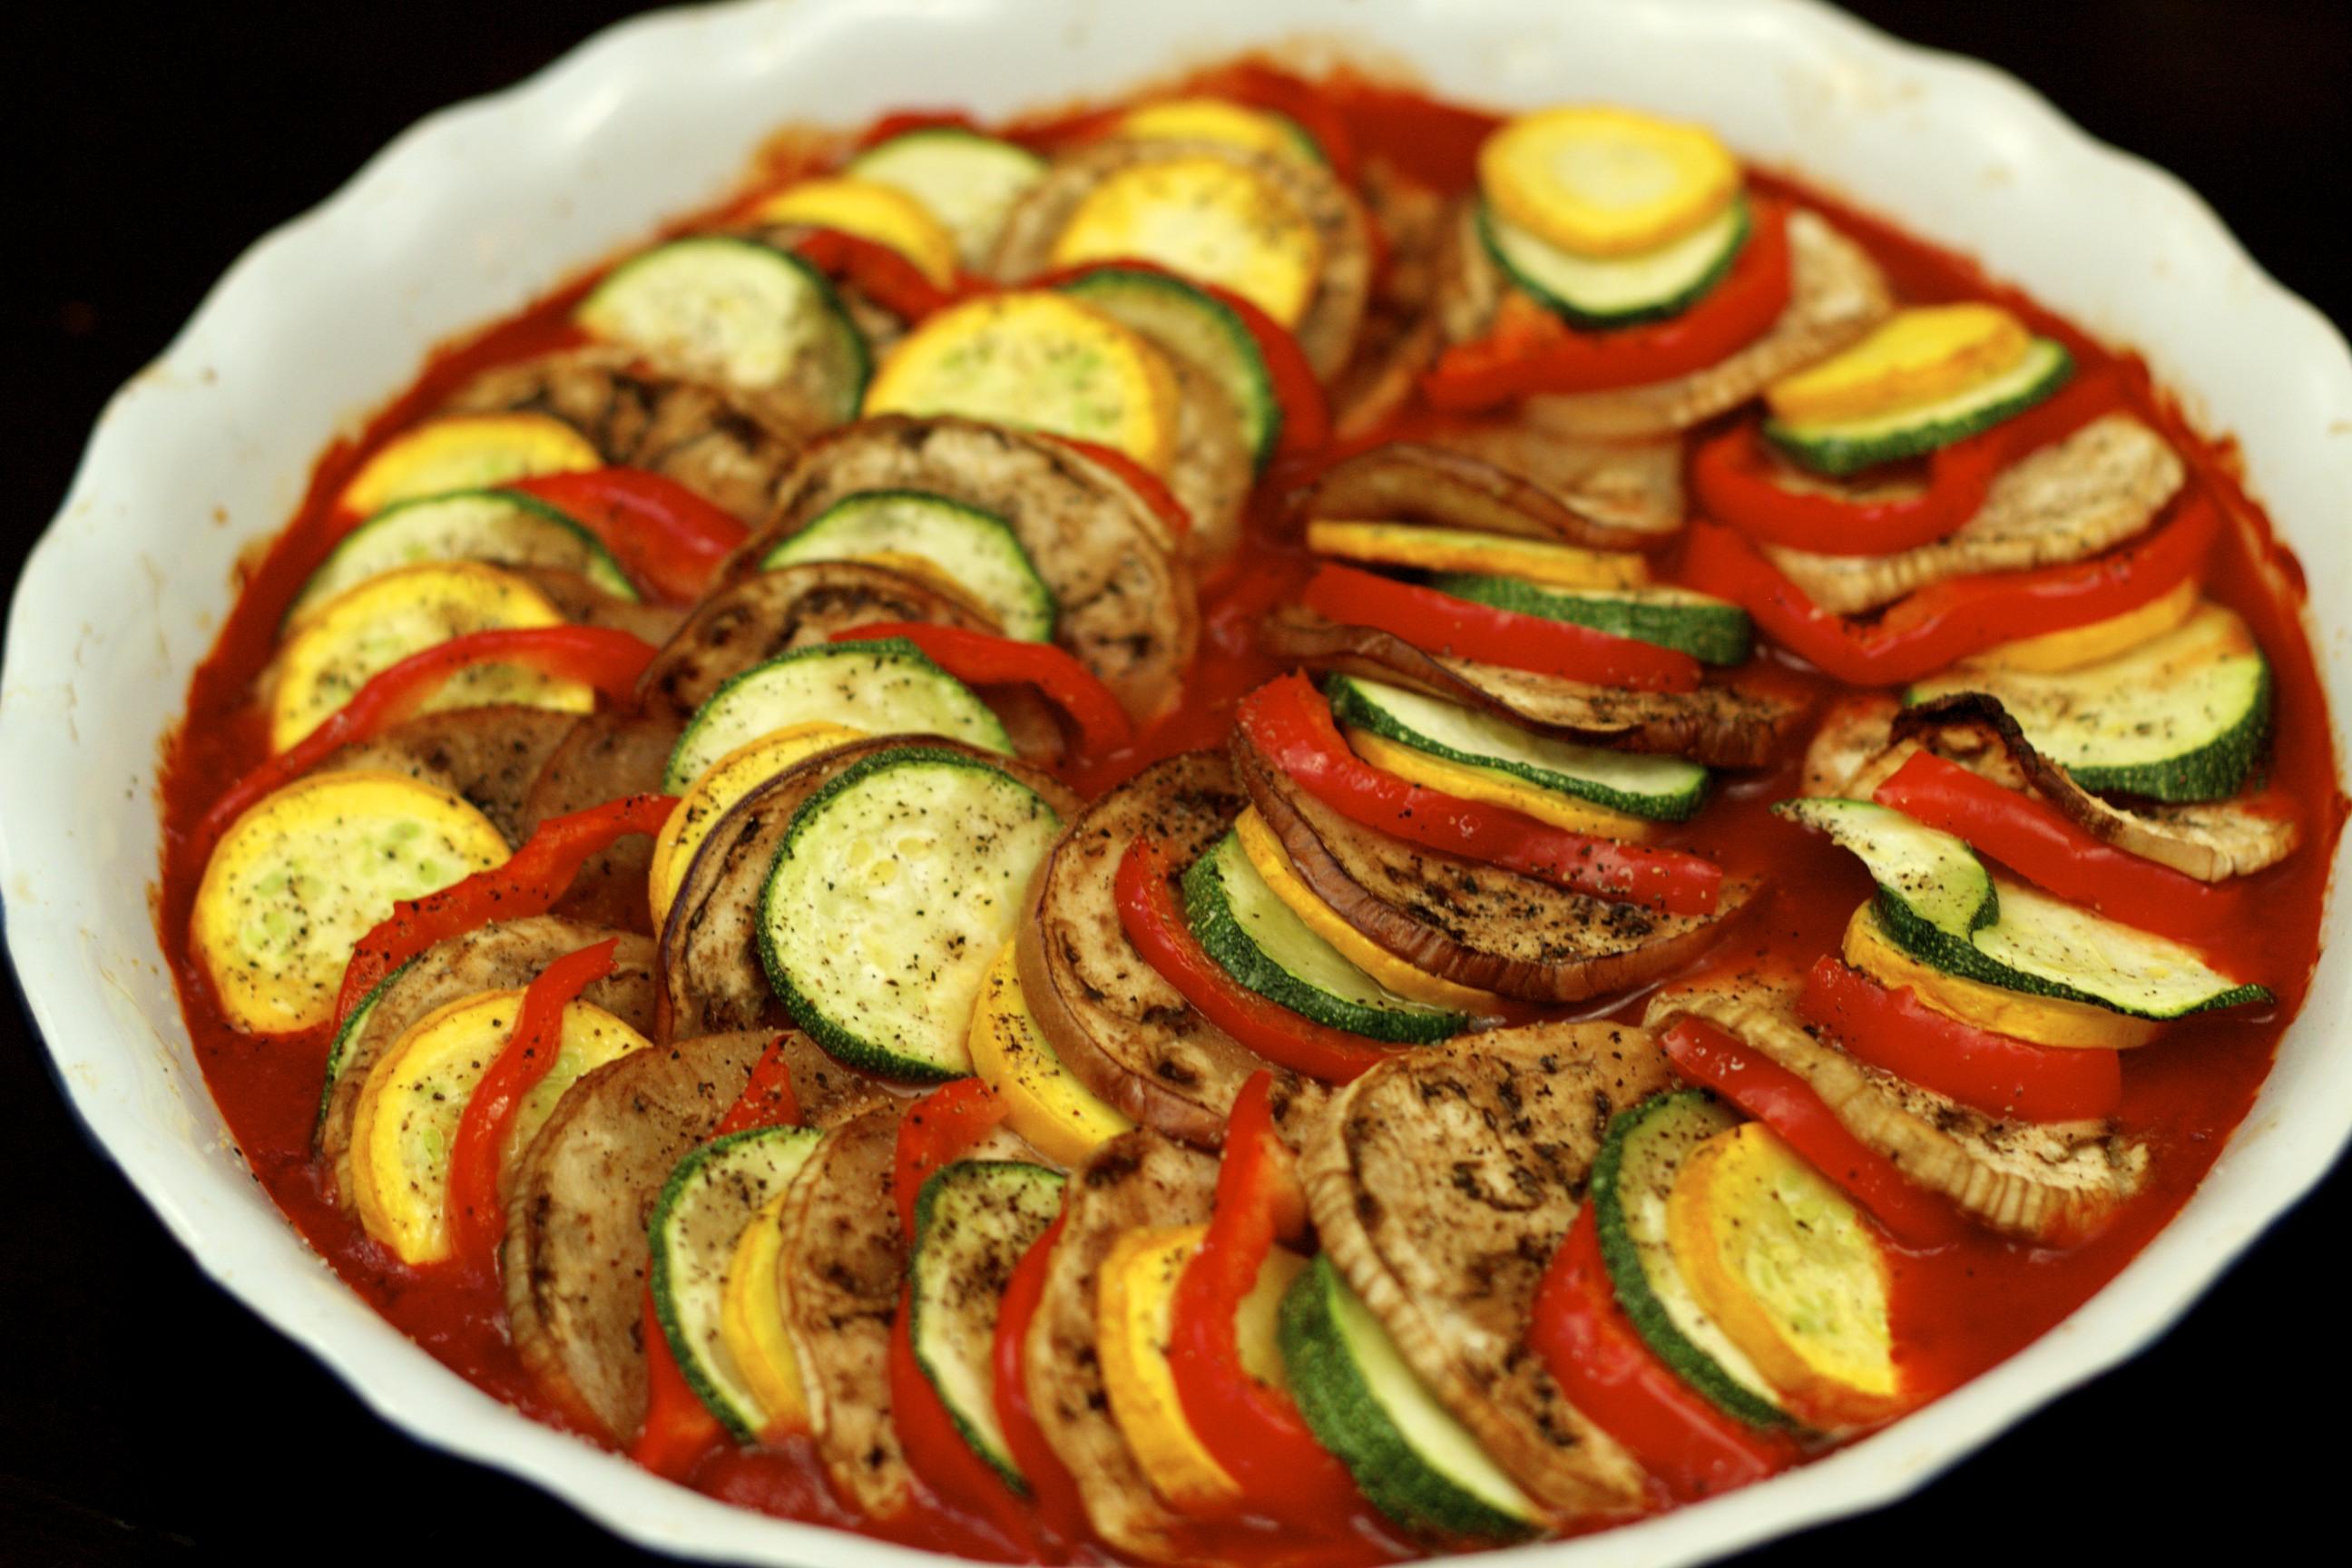 Şampanya ve yengeç çubukları ile salata: Günlük yaşam ve tatiller için lezzetli yemekler için 5 basit yemek tarifleri 94